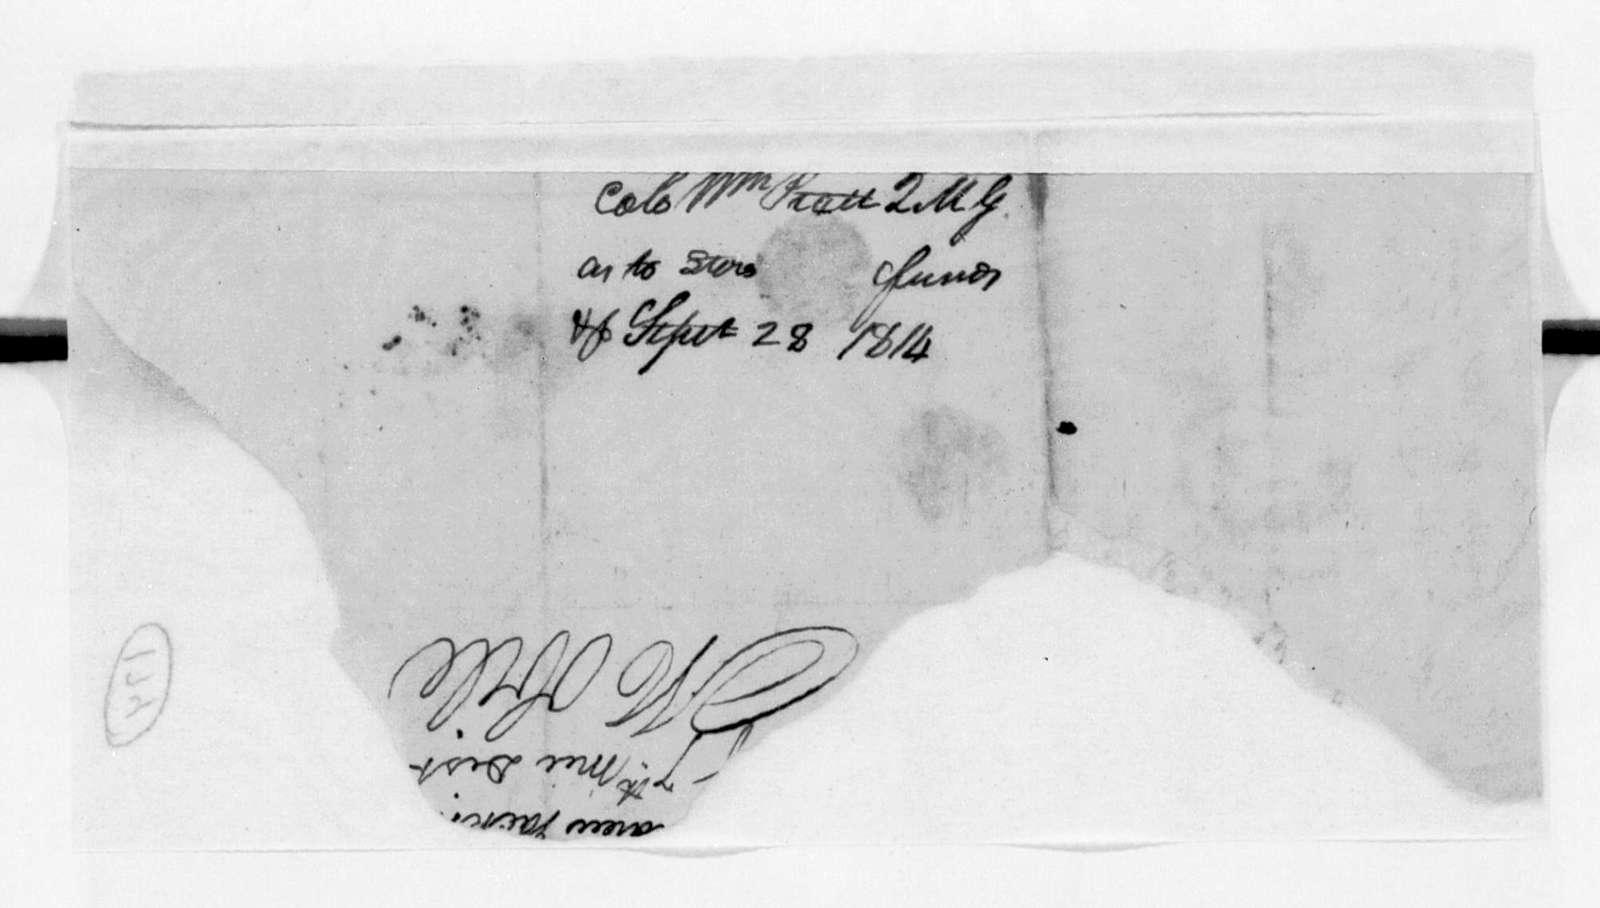 William Pratt to Andrew Jackson, September 28, 1814